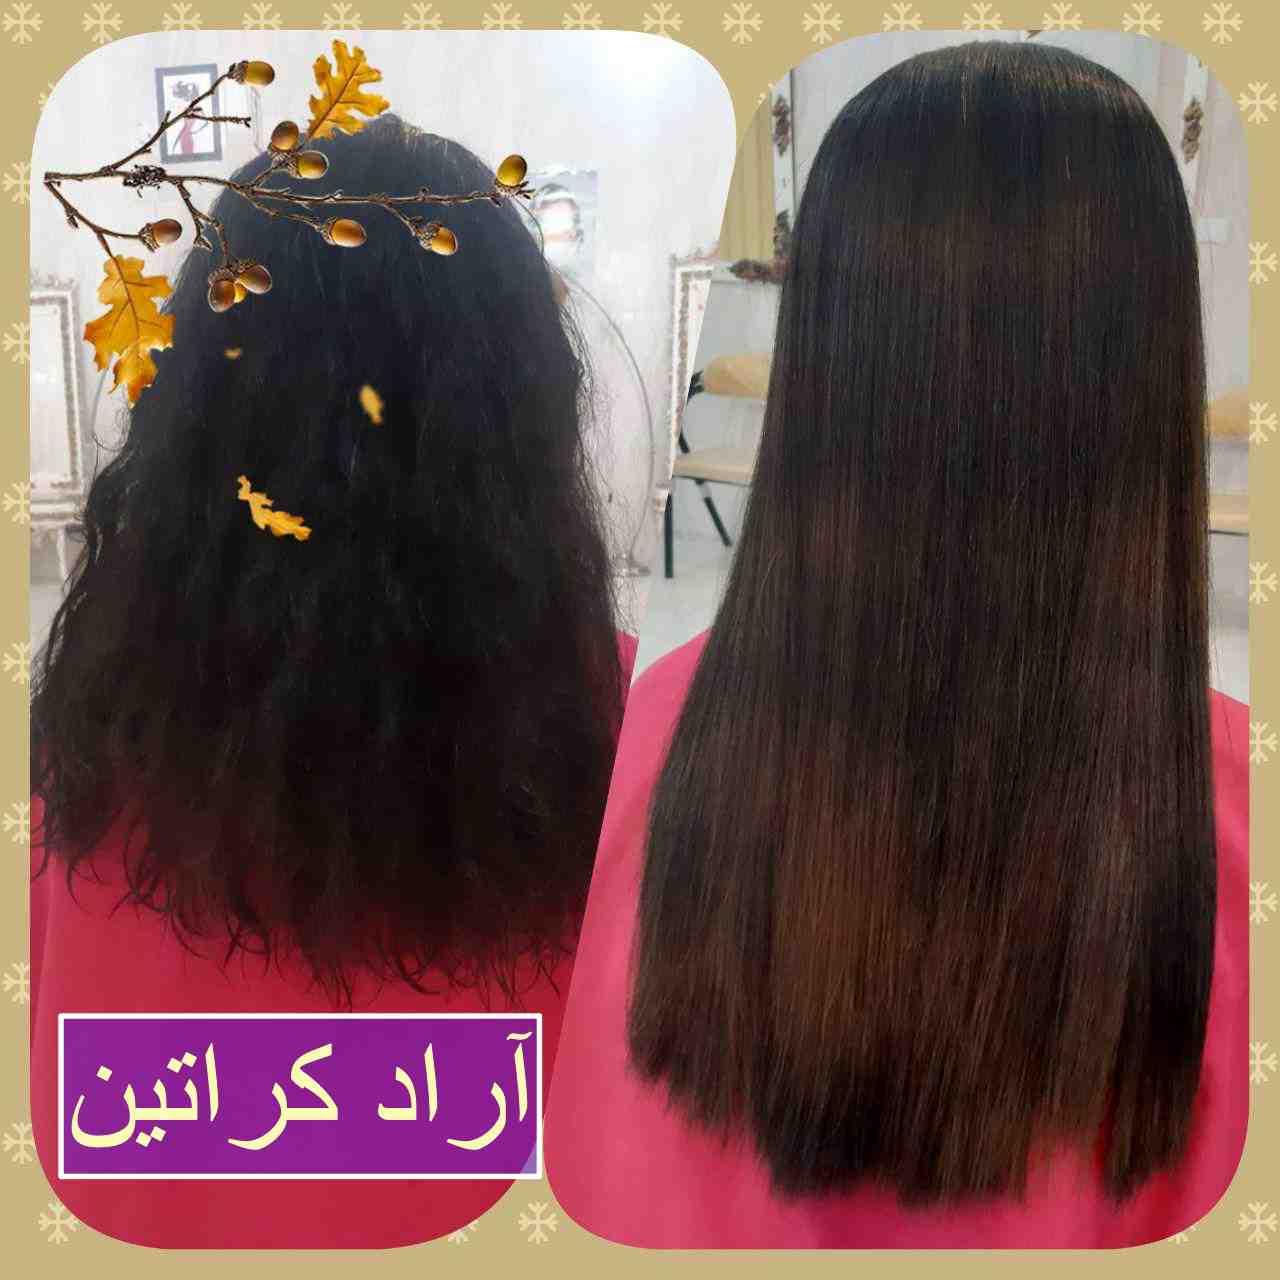 بهترین روش کراتین مو